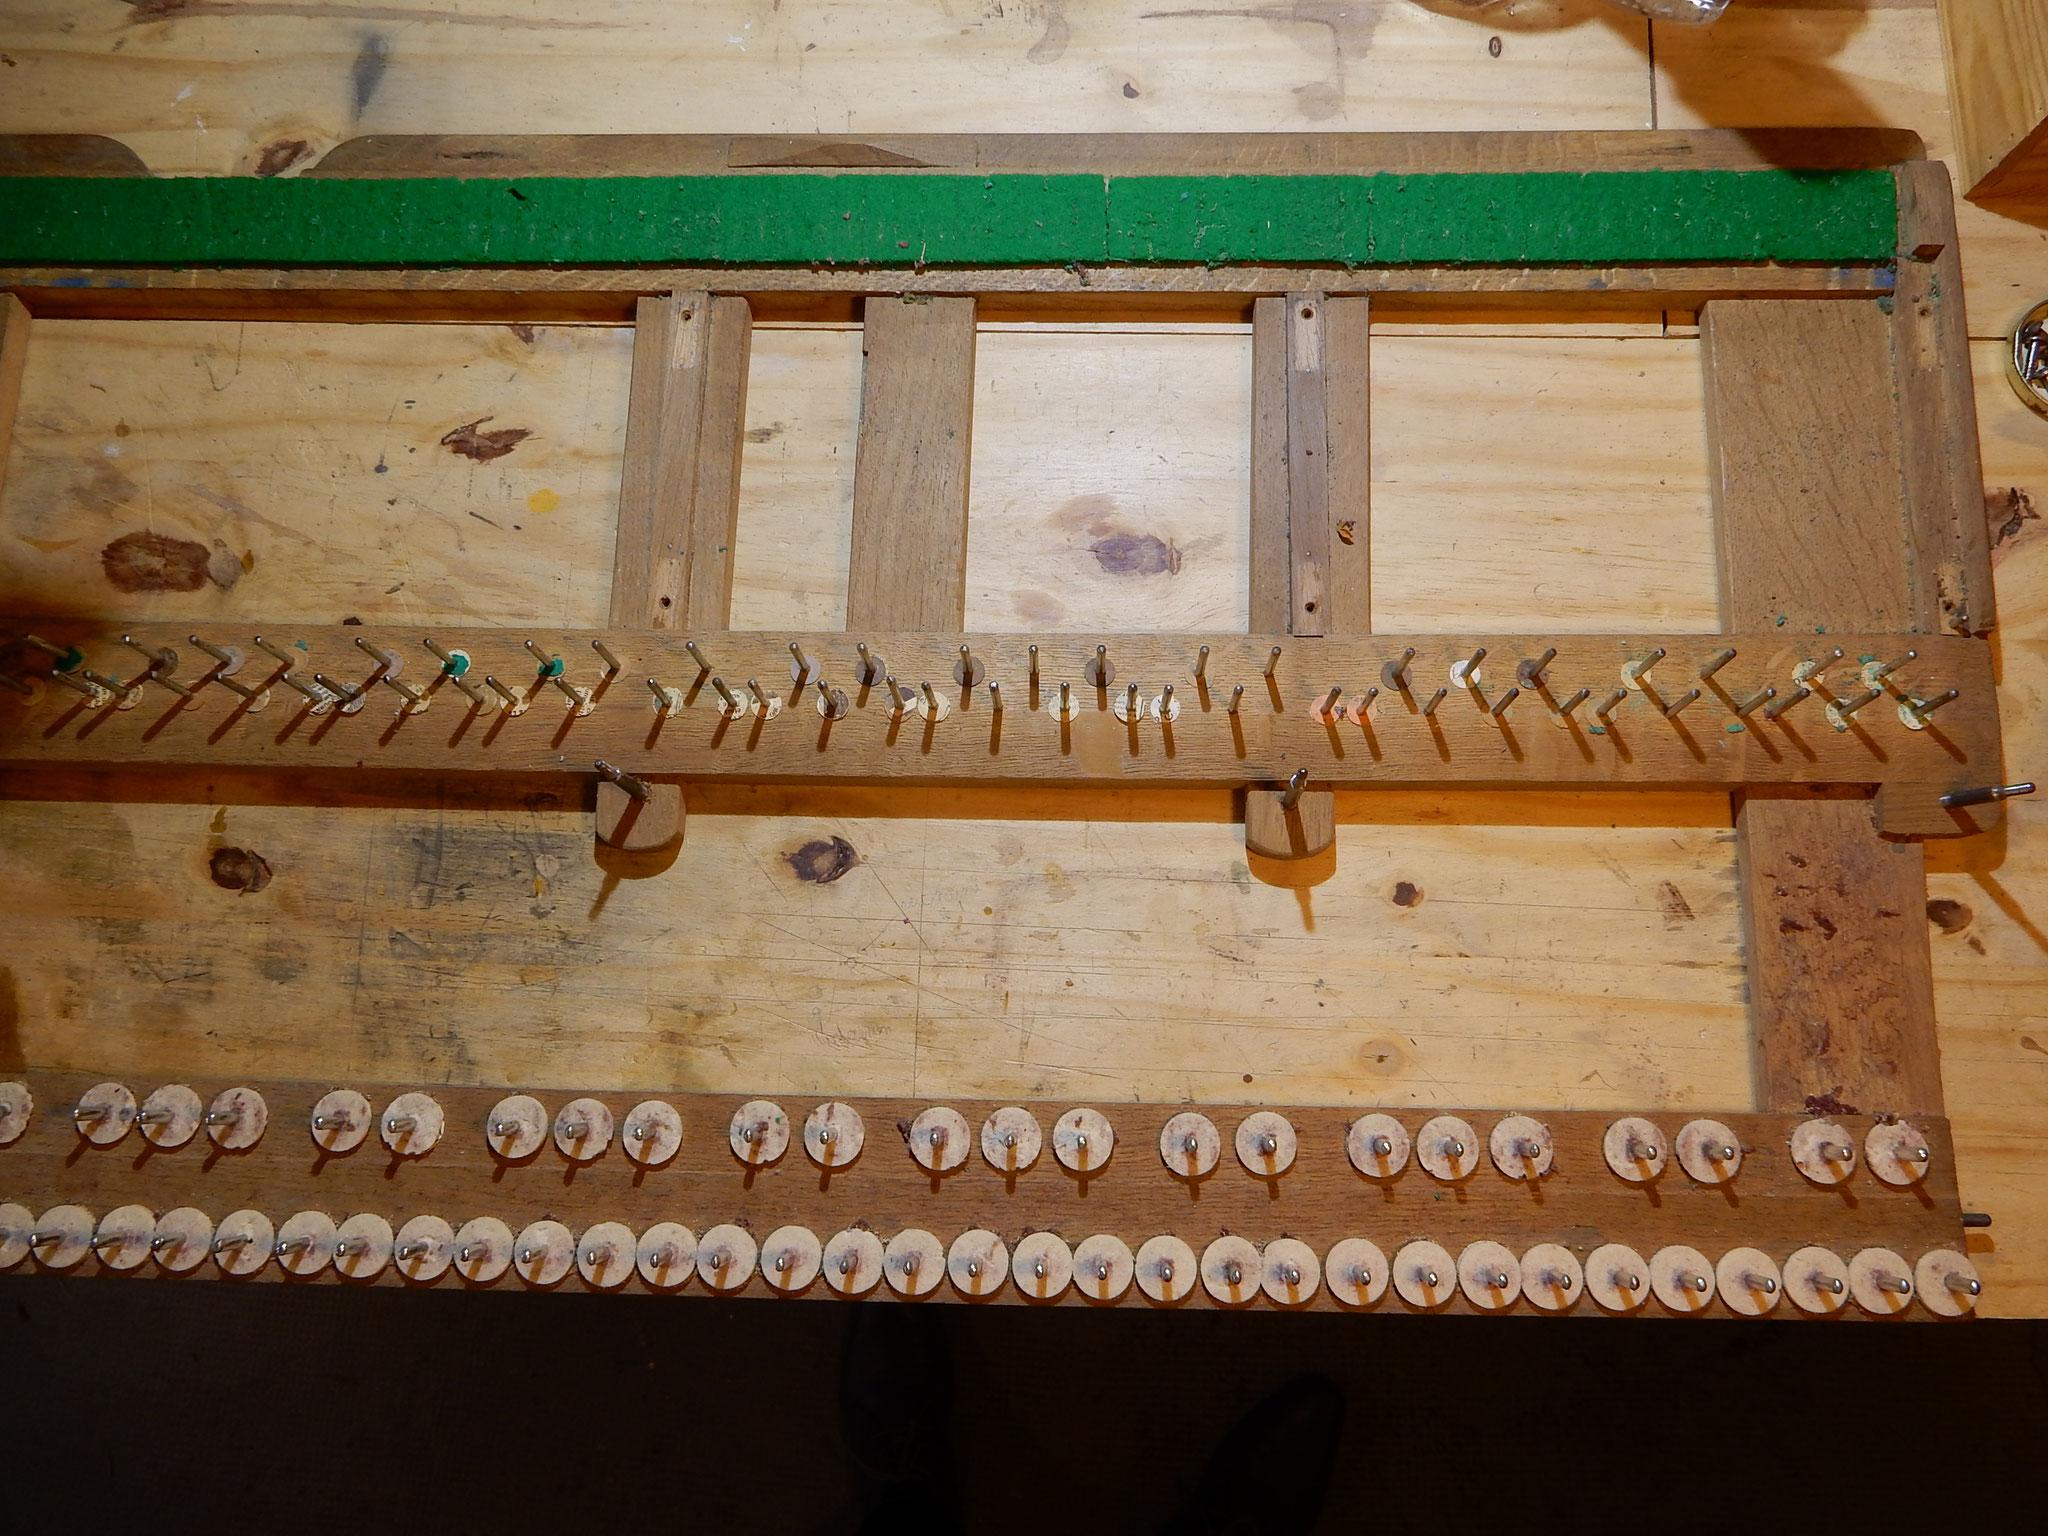 Chassis de clavier (sous les touches)